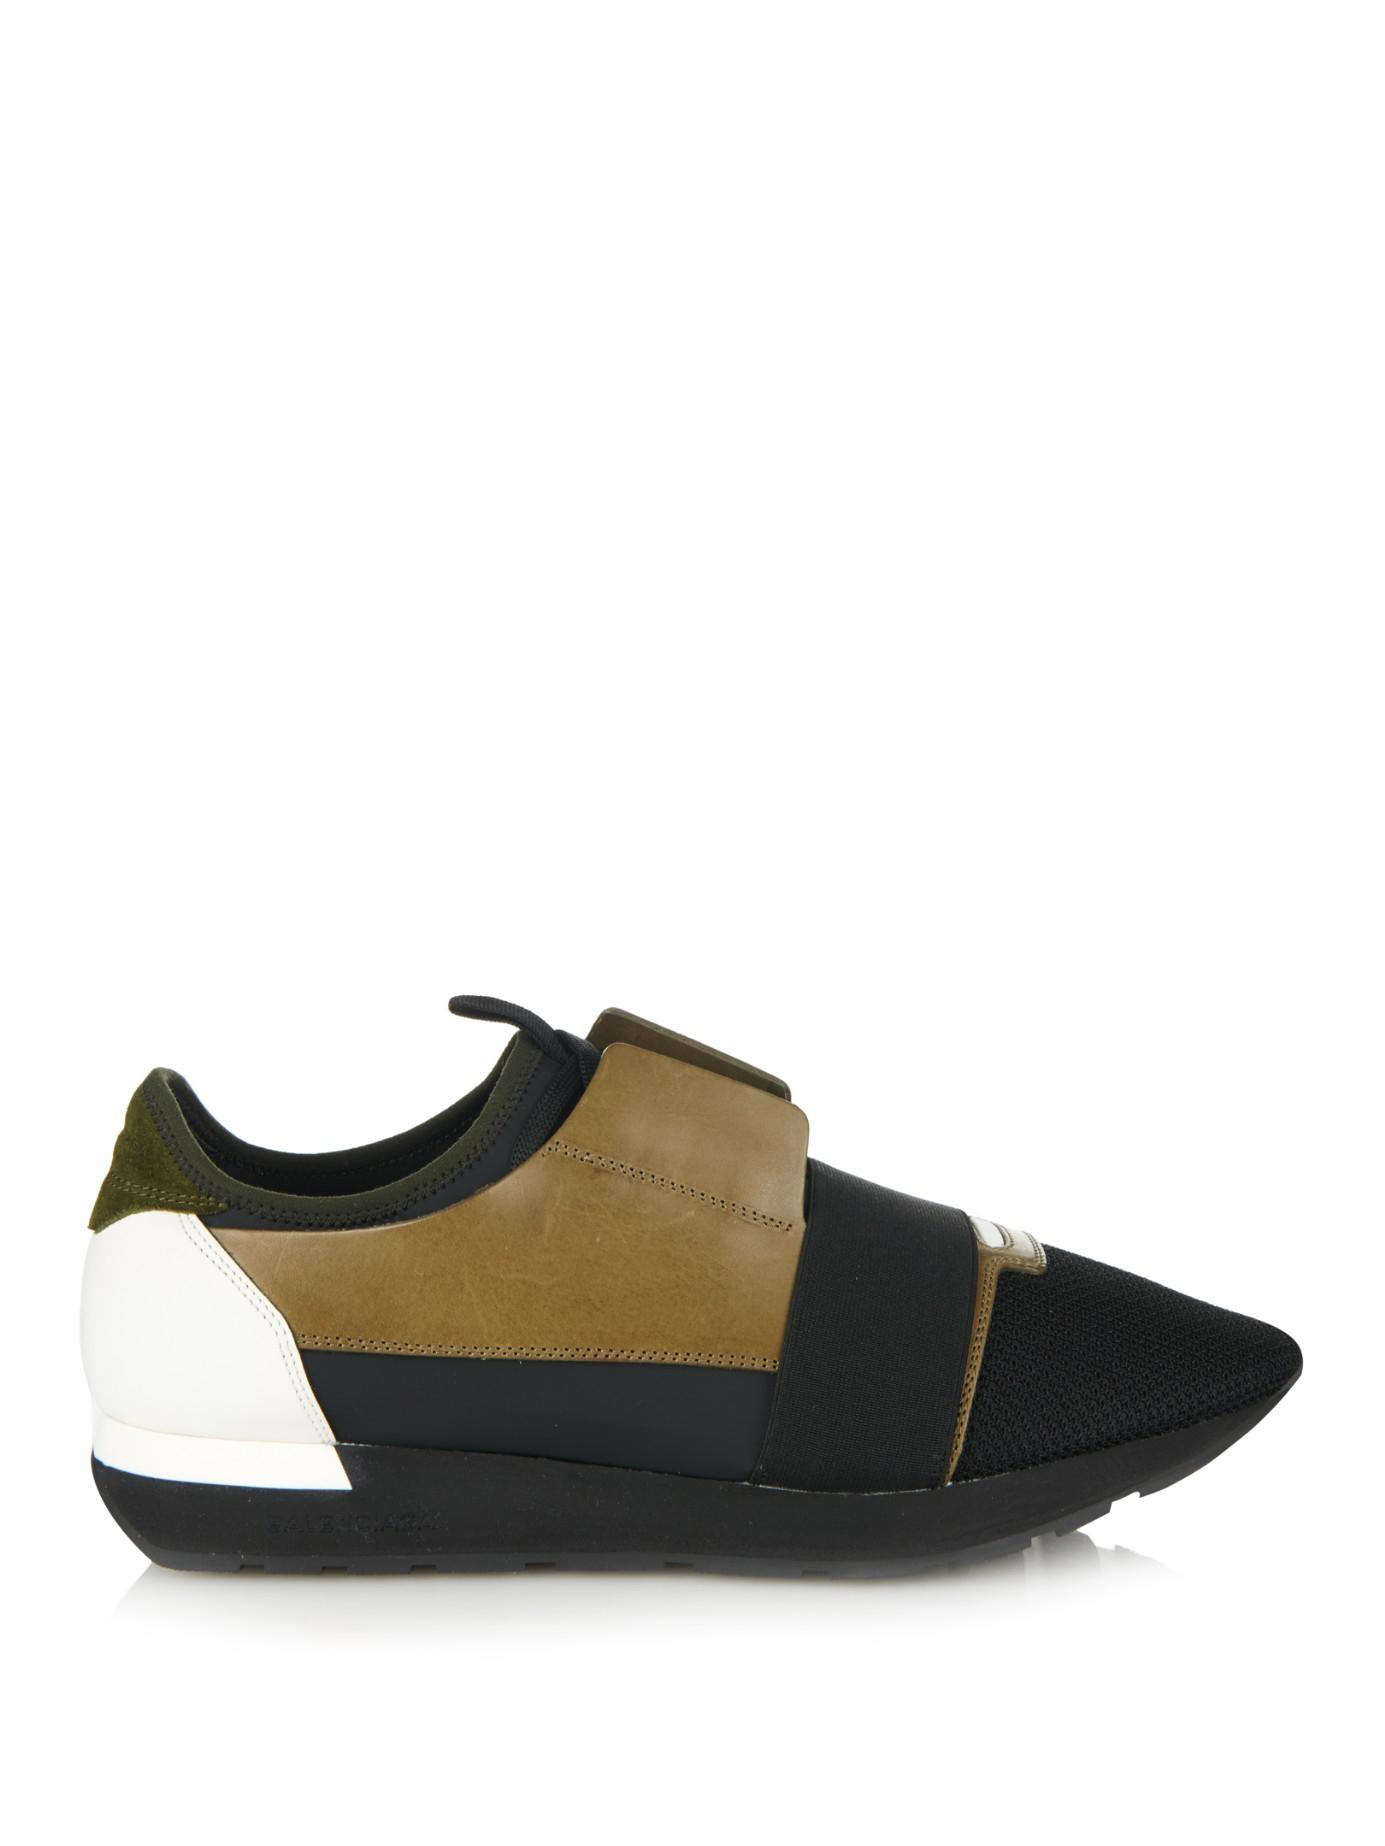 Mens Balenciaga Shoes Low Top